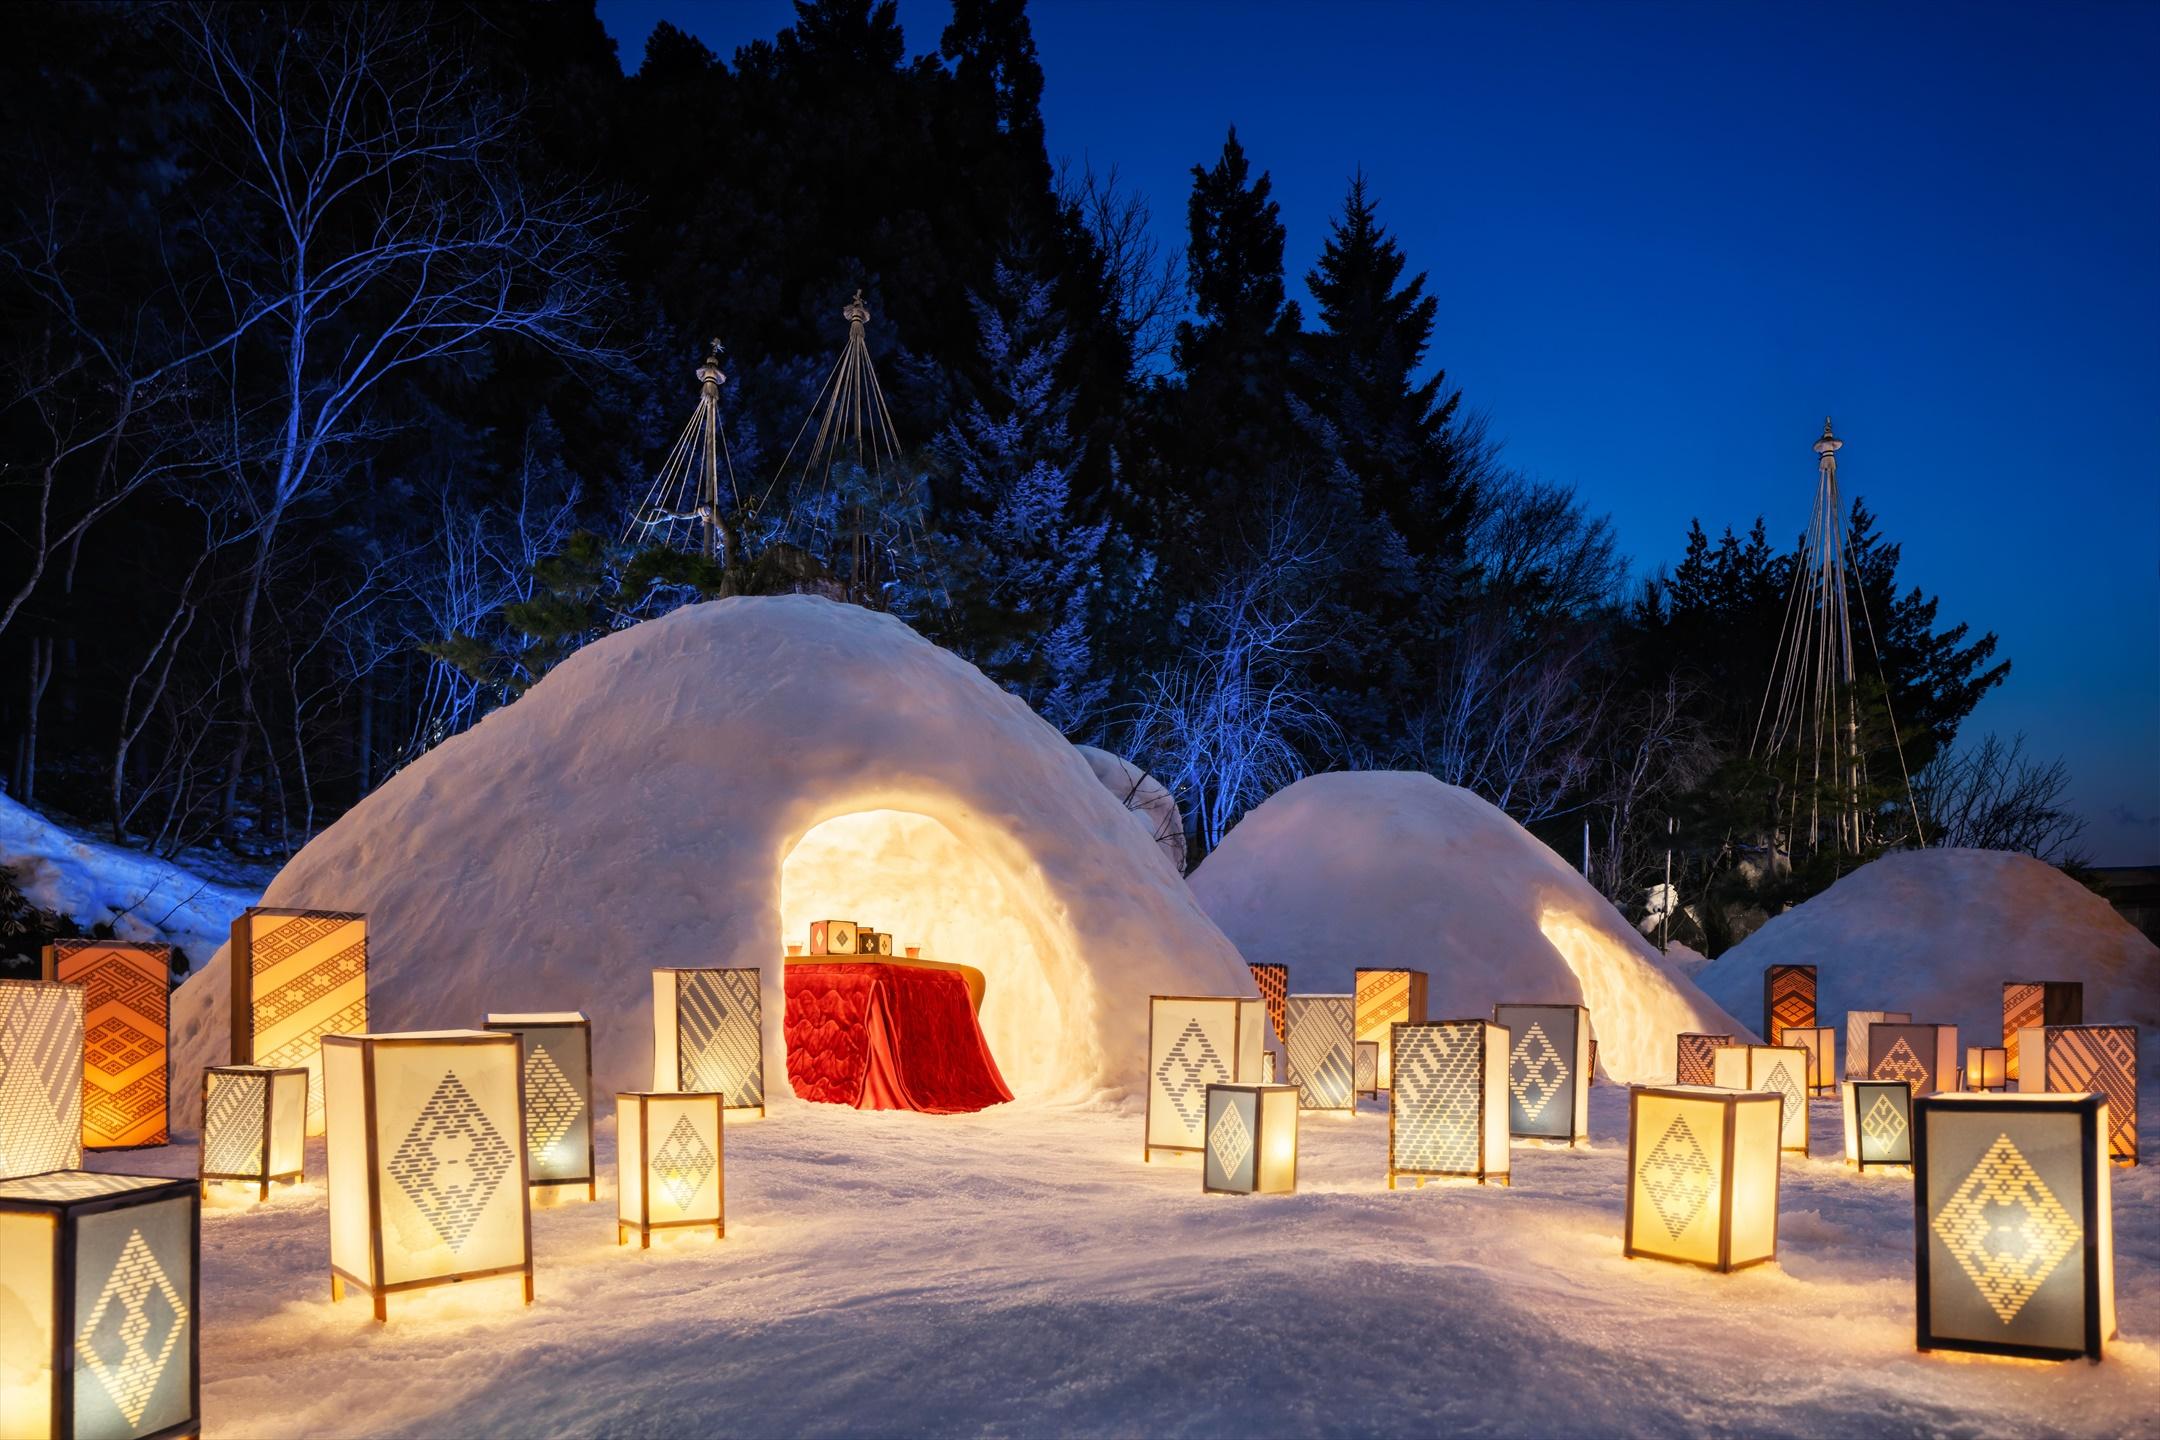 hoshino-kai-resort-aomoi-%e6%98%9f%e9%87%8e%e3%83%aa%e3%82%be%e3%83%bc%e3%83%88%e7%95%8c%e9%9d%92%e6%a3%ae-2